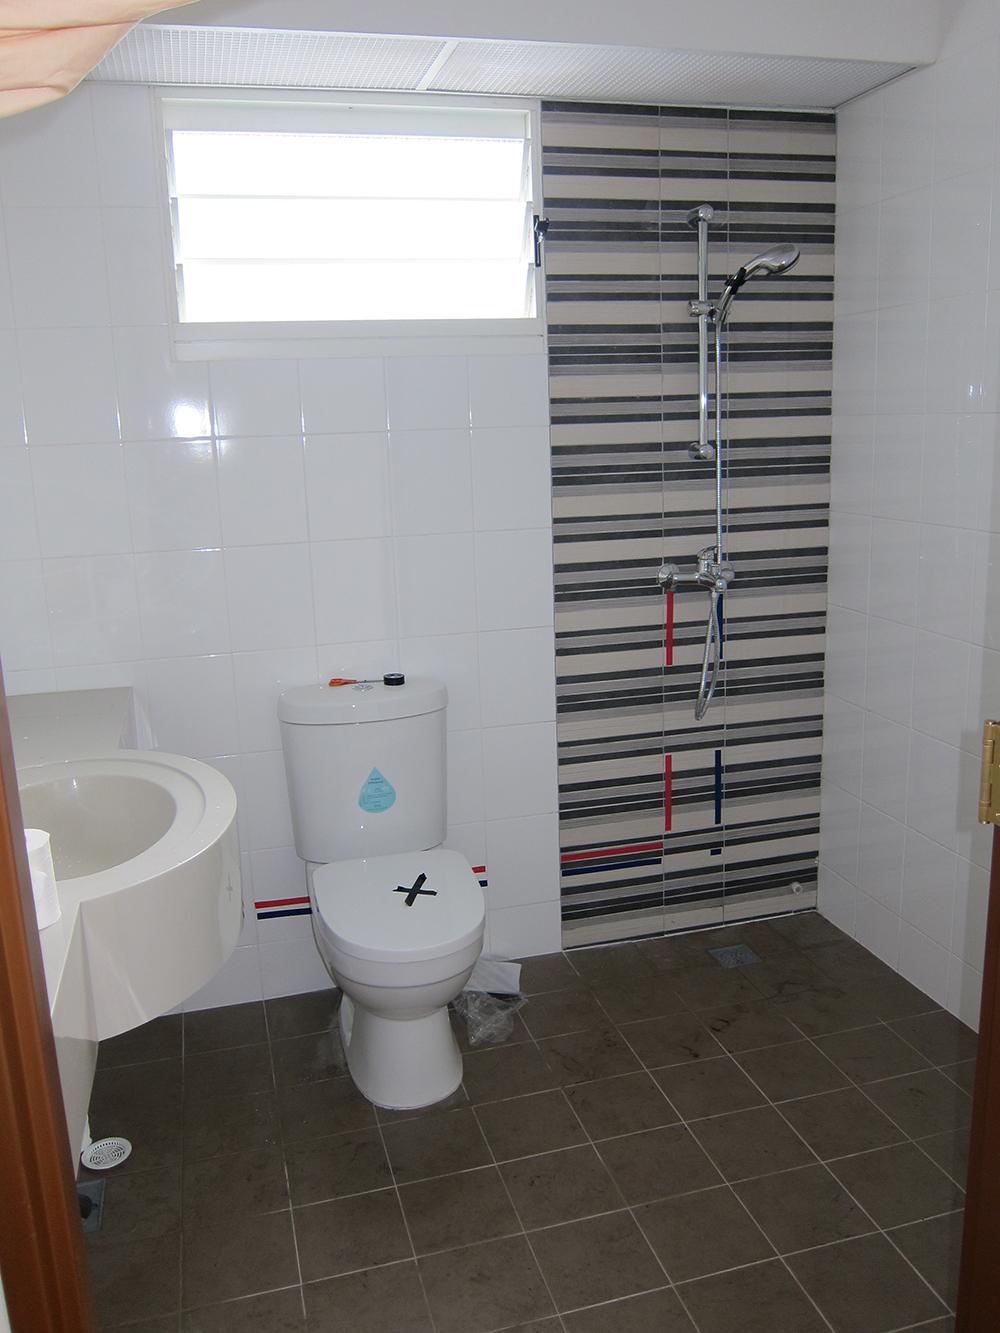 HDB BTO Singapore washroom